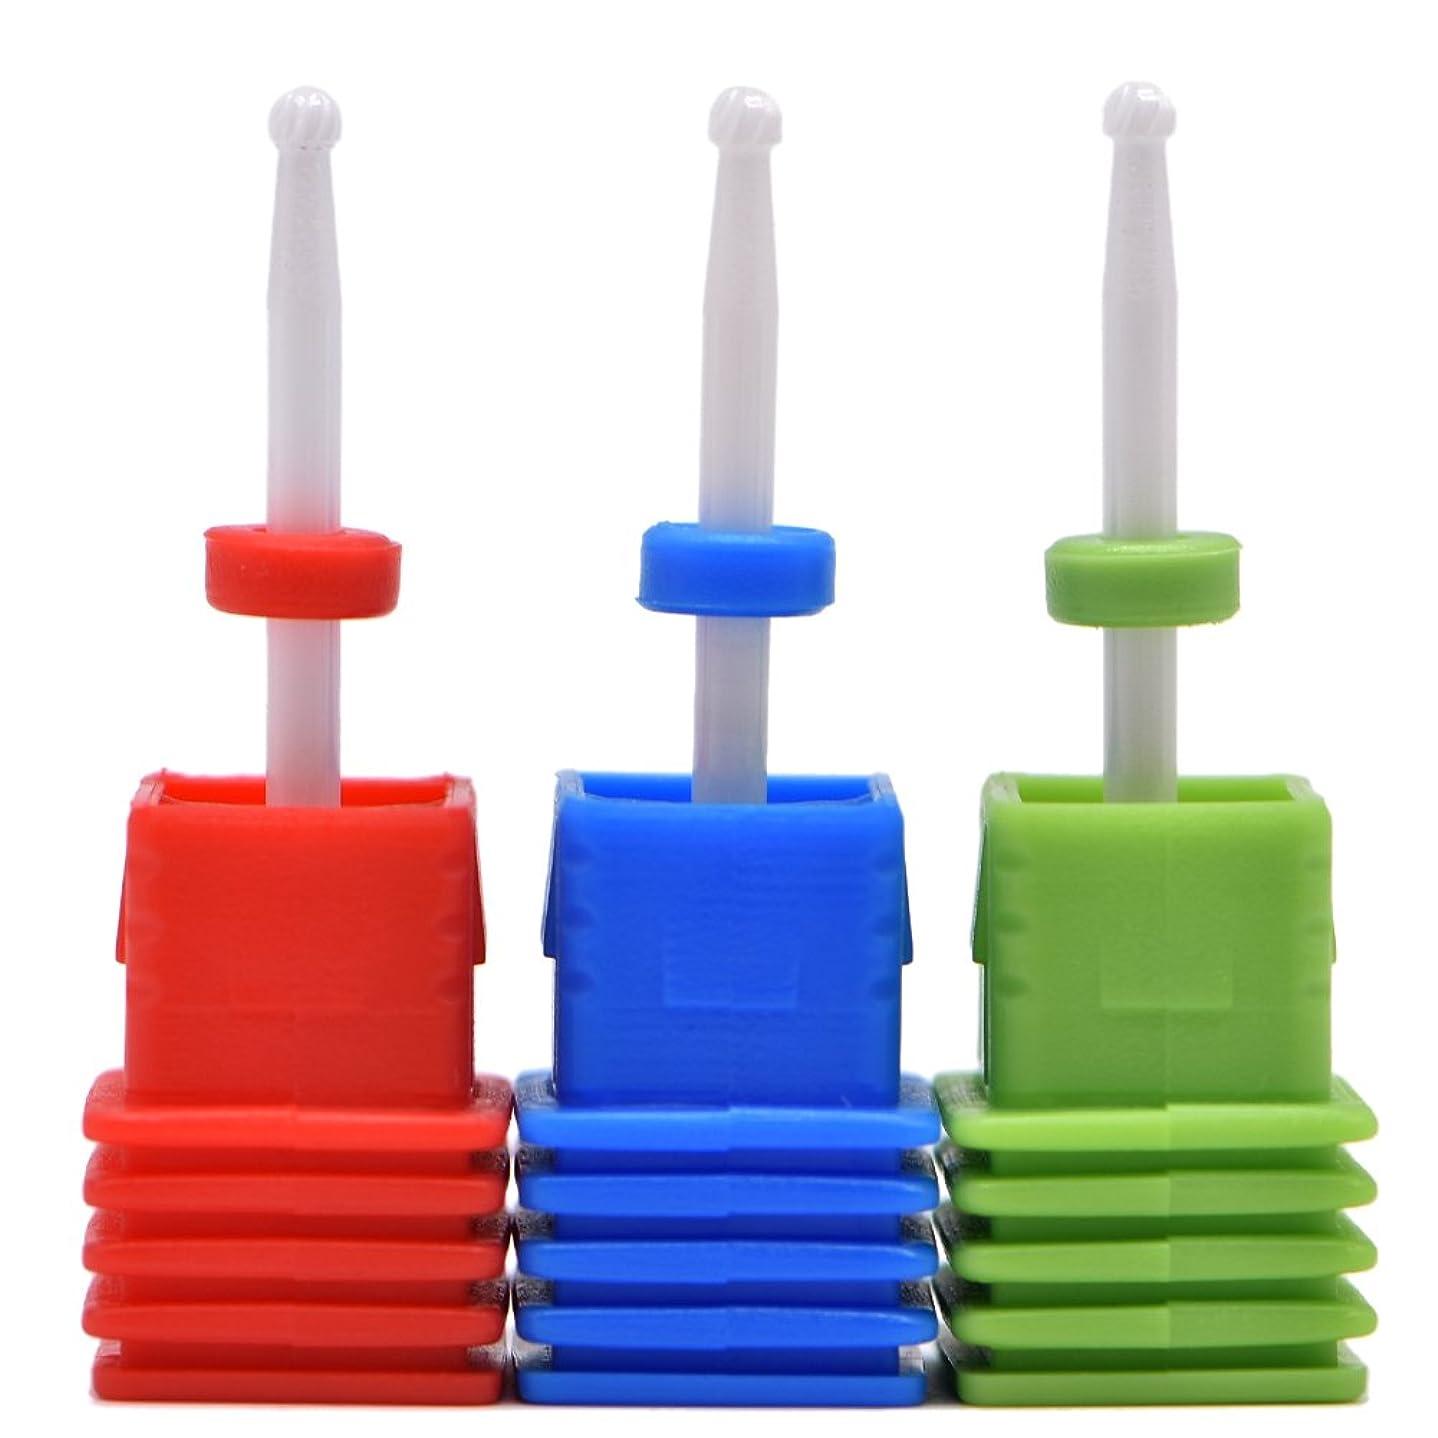 抽象共役砦Oral Dentistry ネイルアート ドリルビット小さい丸い 研磨ヘッド ネイル グラインド ヘッド 爪 磨き 研磨 研削 セラミック 全3色 (レッドF(微研削)+グリーンC(粗研削)+ブルーM(中仕上げ))